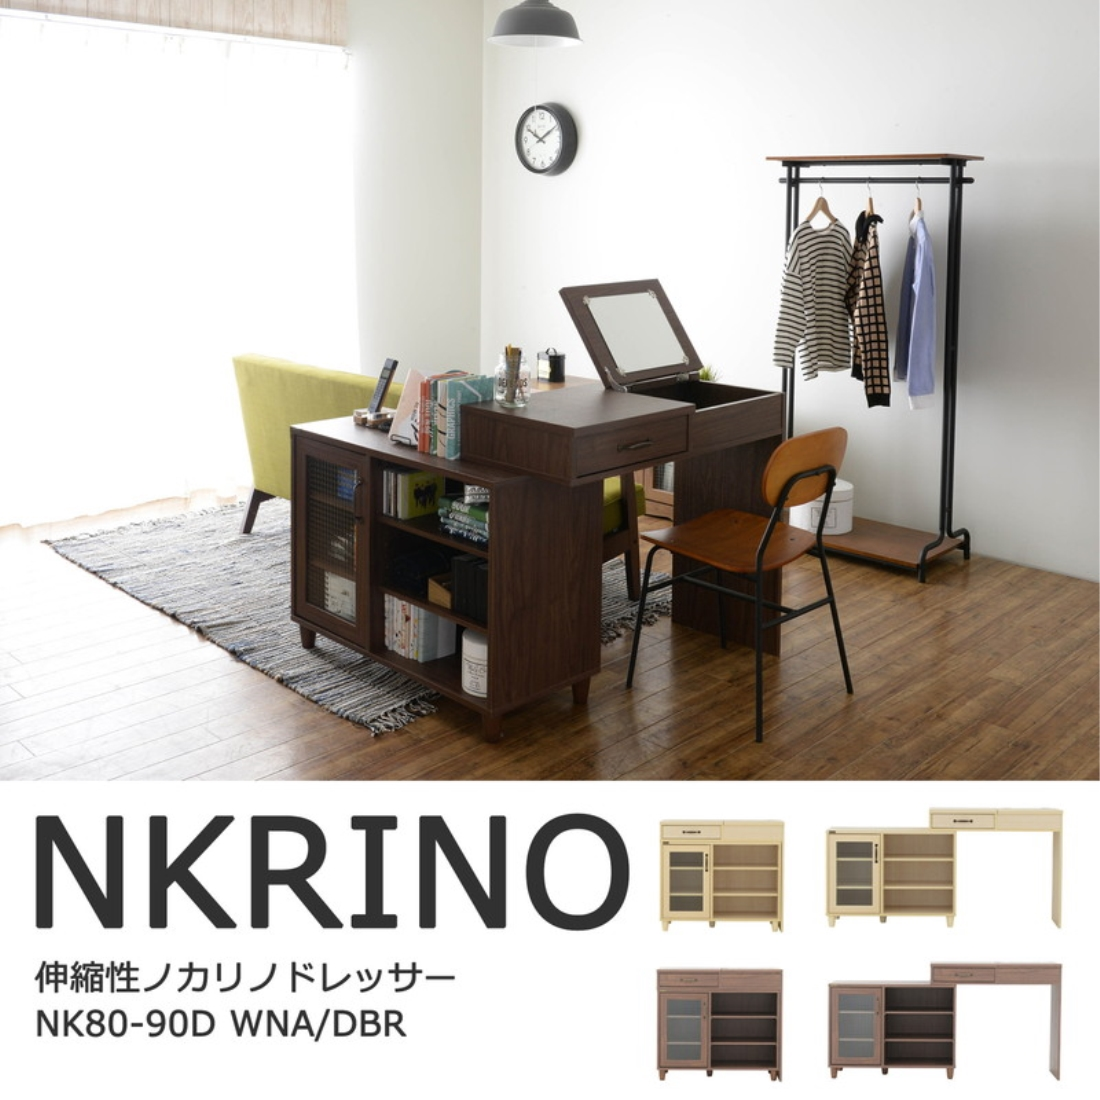 【送料無料】家具 化粧台 鏡台 NKRINO(ノカリノ)伸縮性ドレッサー(90?165cm幅)WNA/DBR オシャレ